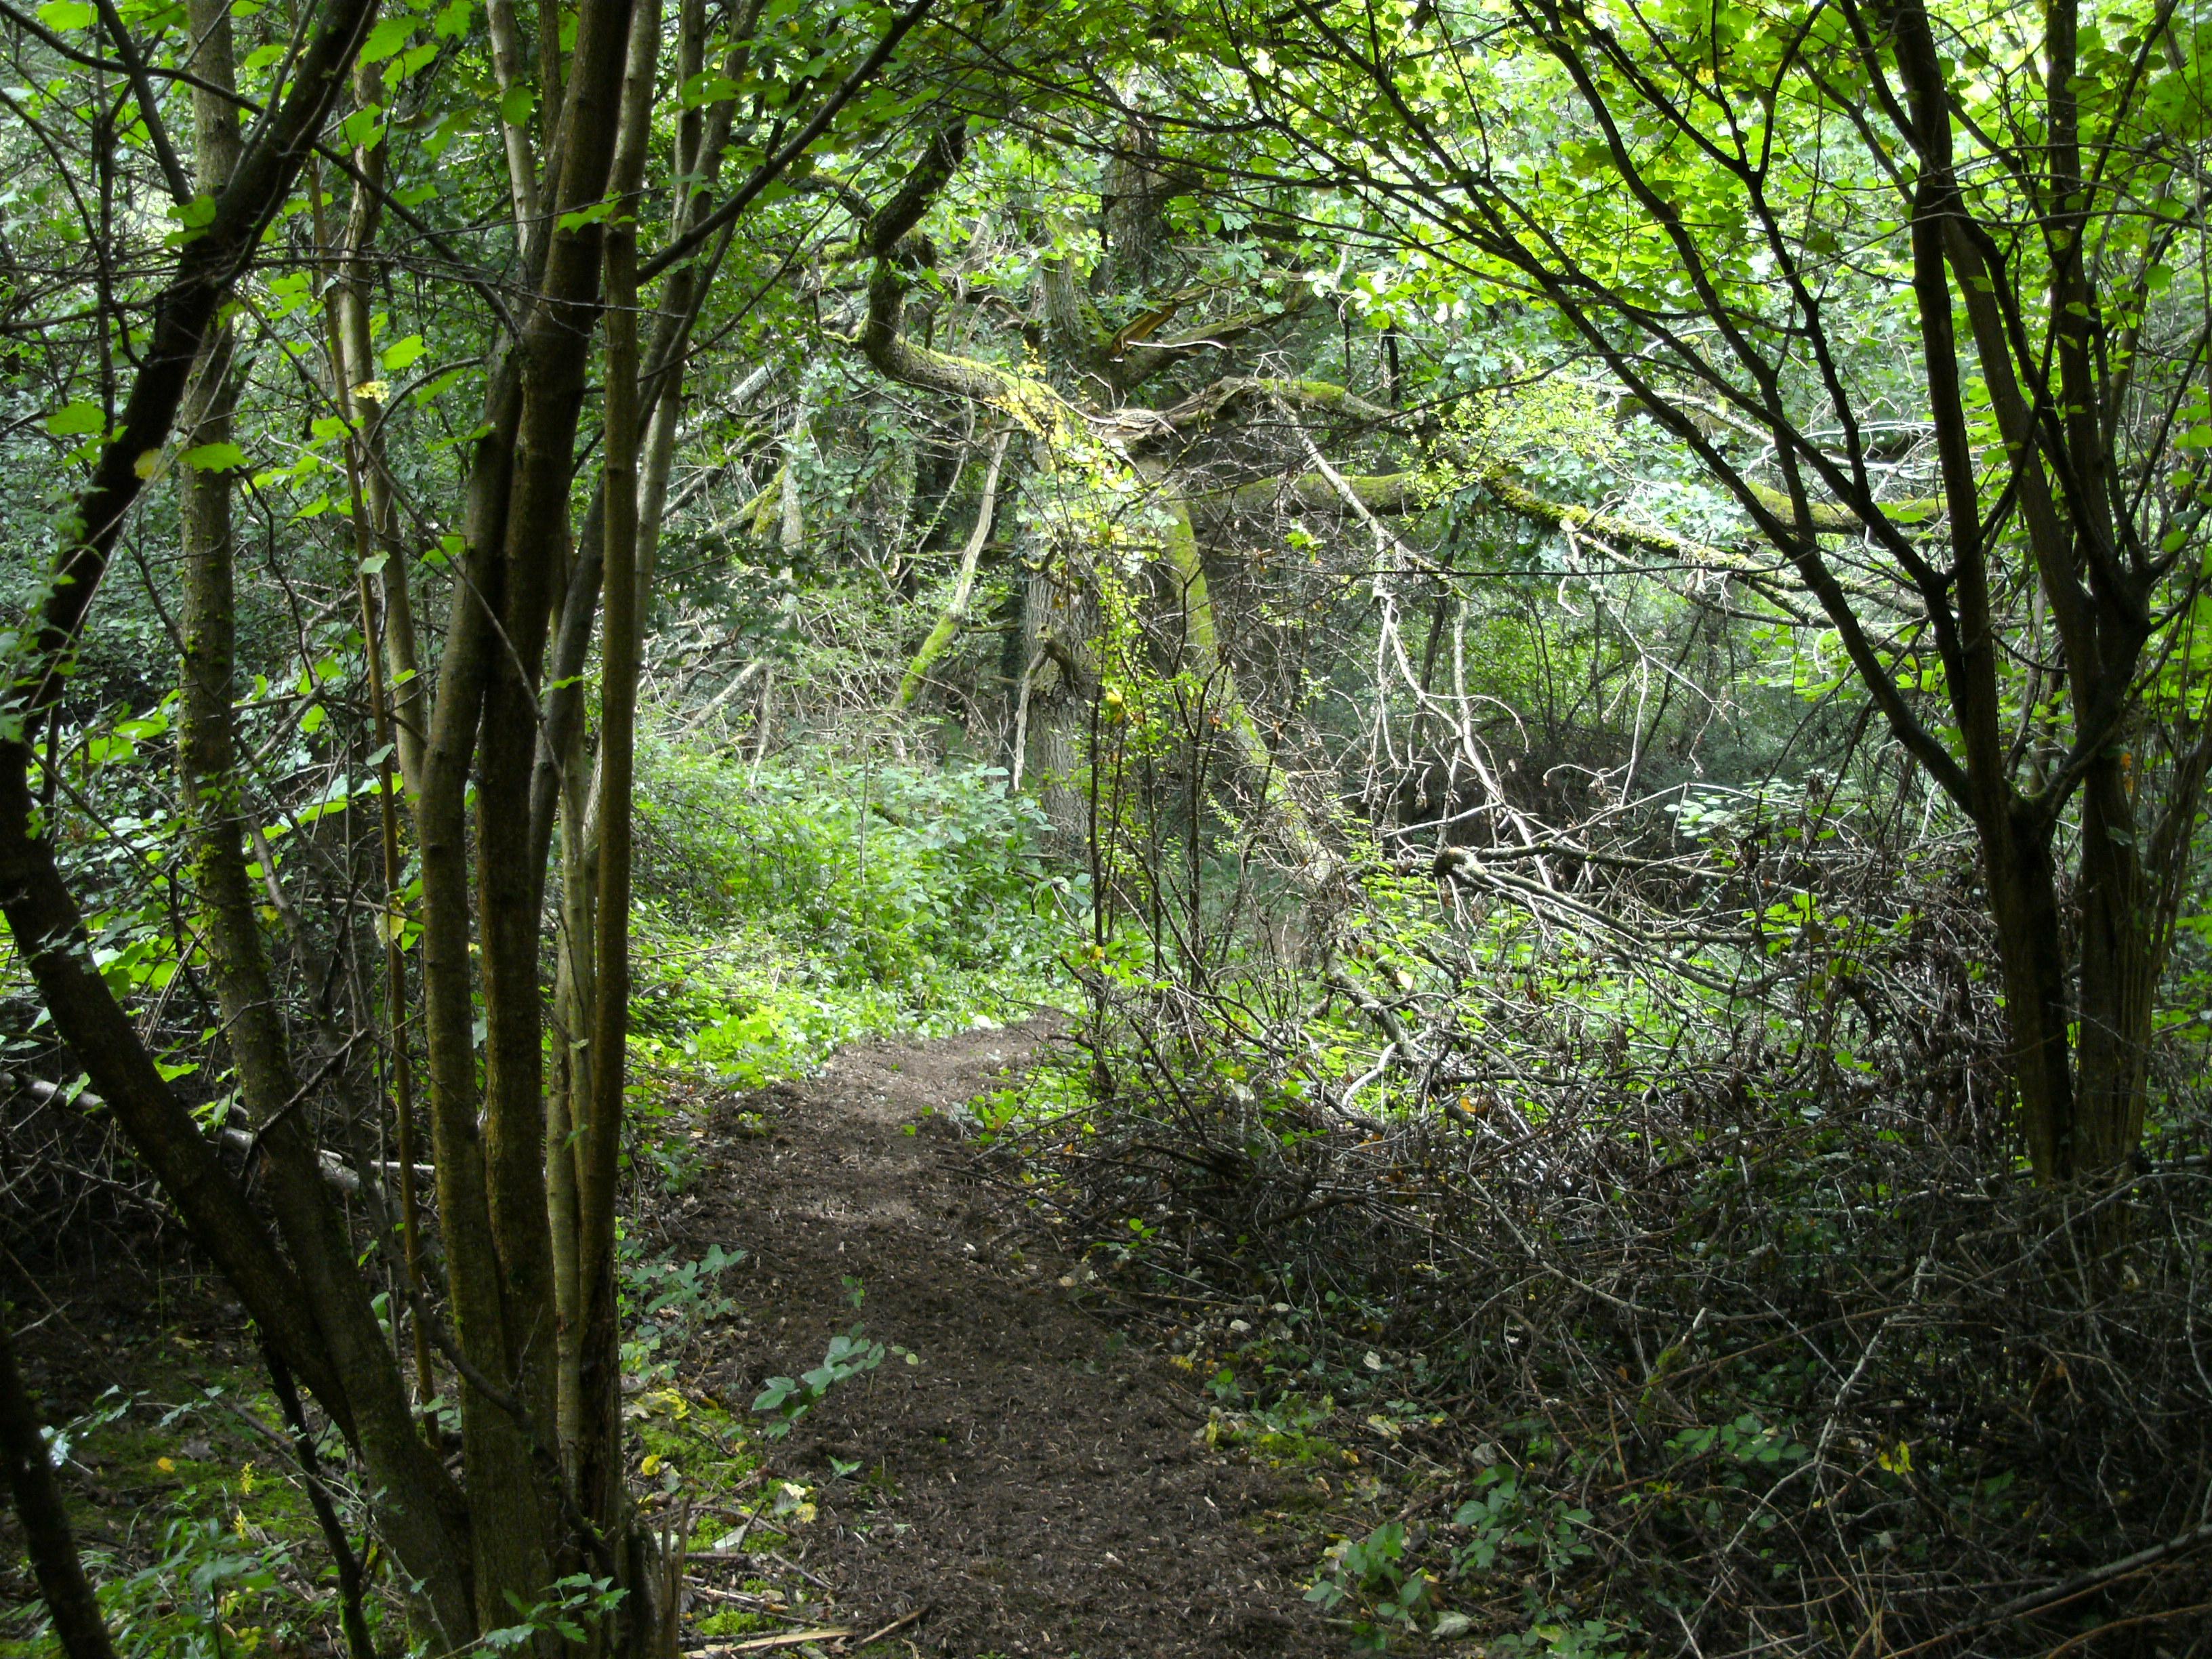 Wandern im schattigen Wald